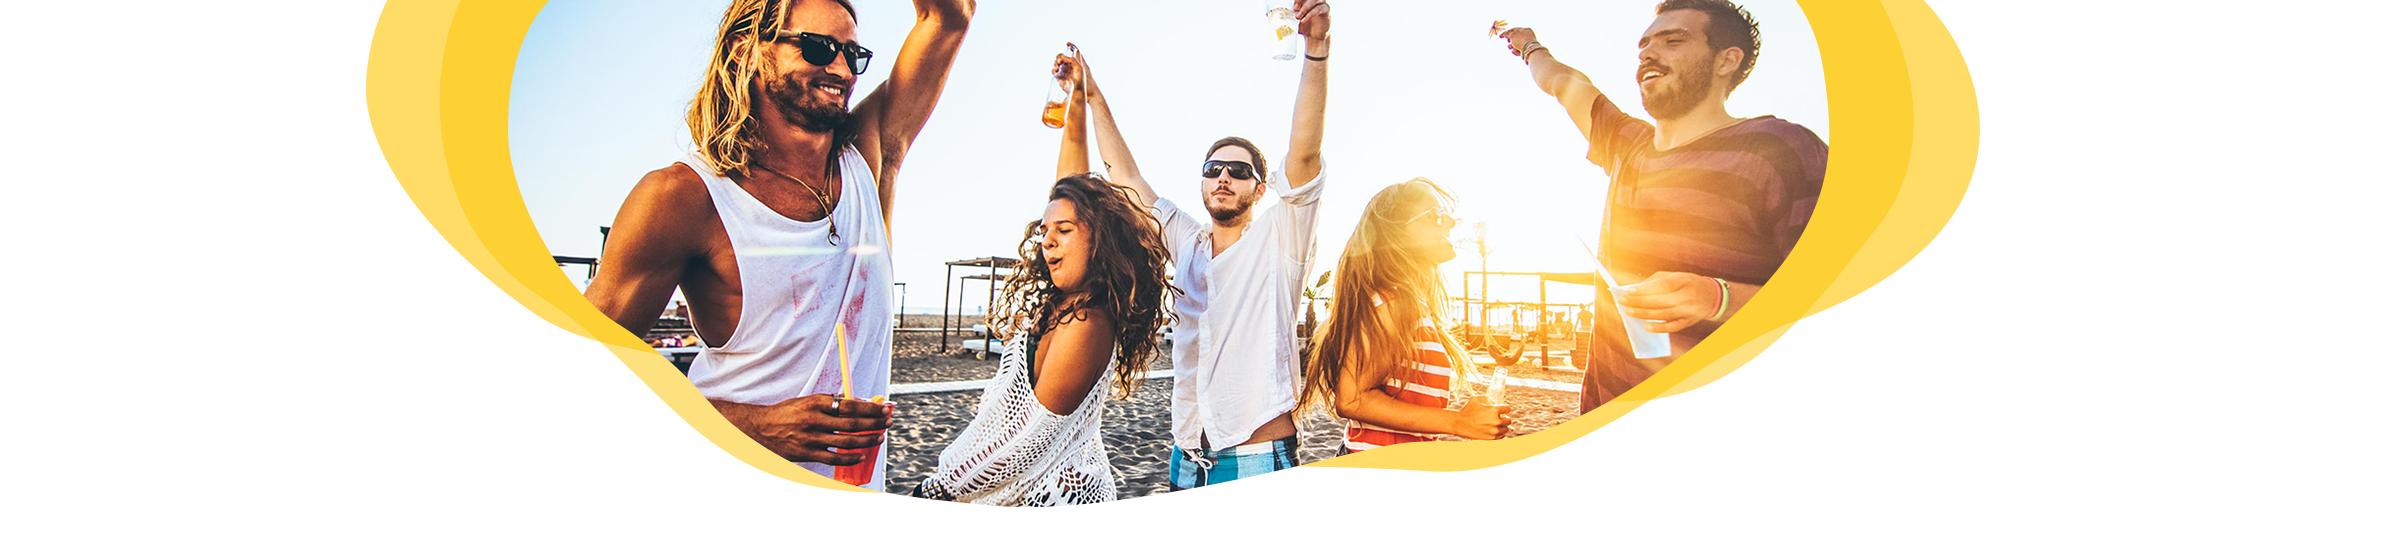 Partyurlaub Balearen Header